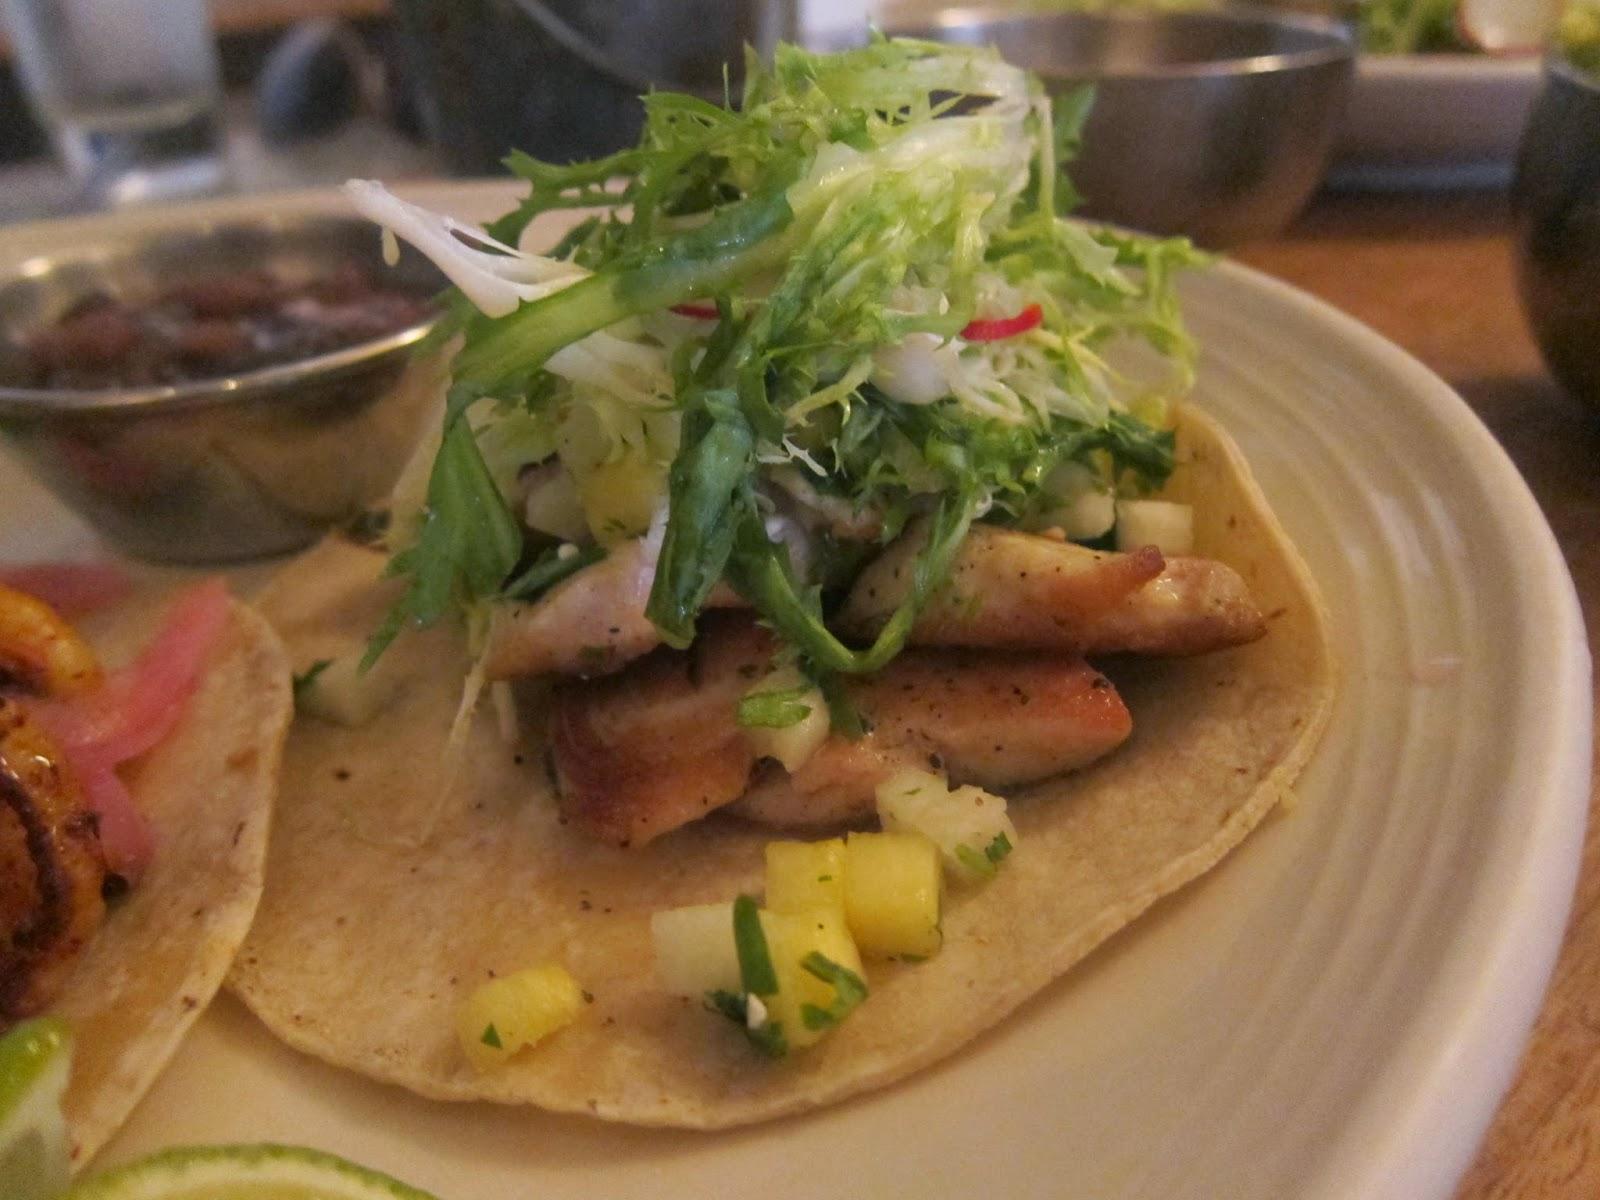 Mahi mahi taco from The Painted Burro | The Economical Eater